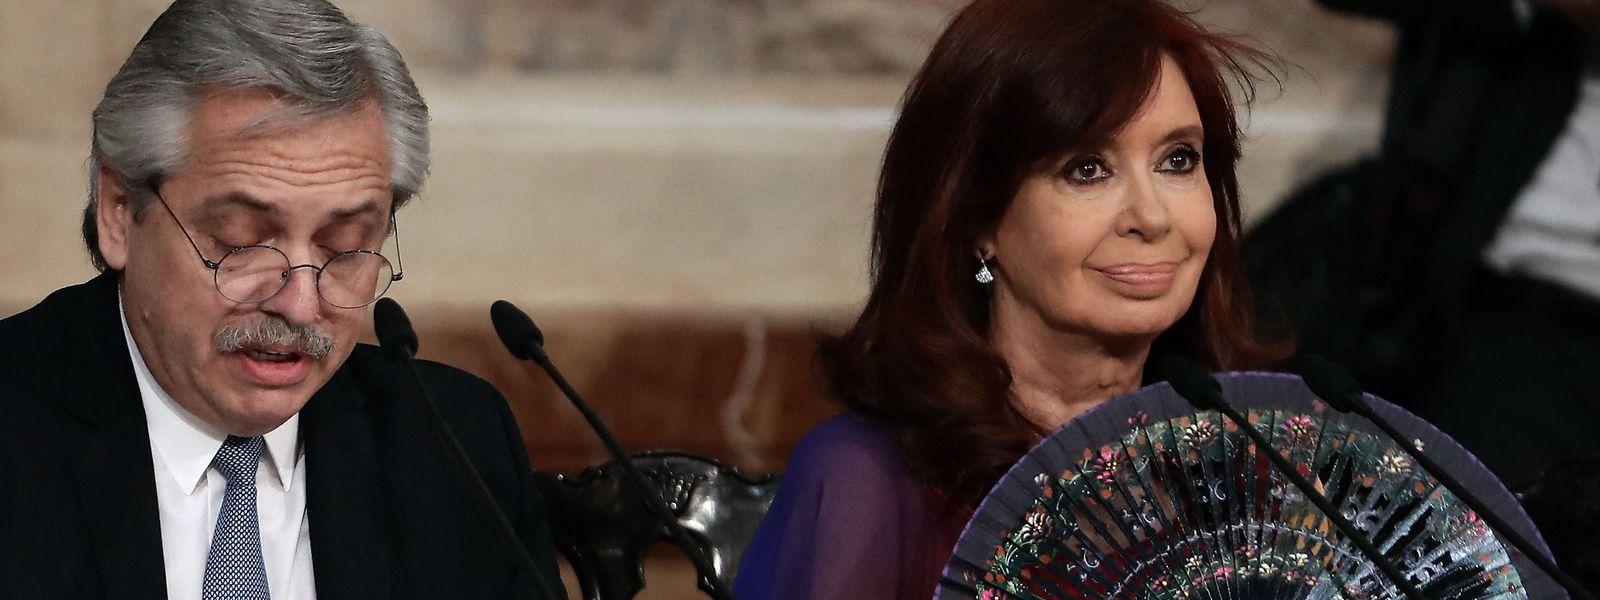 Im März 2020 nahmen Präsident Alberto Fernández und Vizepräsidentin Cristina Kirchner nebeneinander Platz. Nach den Vorwahlen hat Letztere Kritik an Fernández ausgeübt.